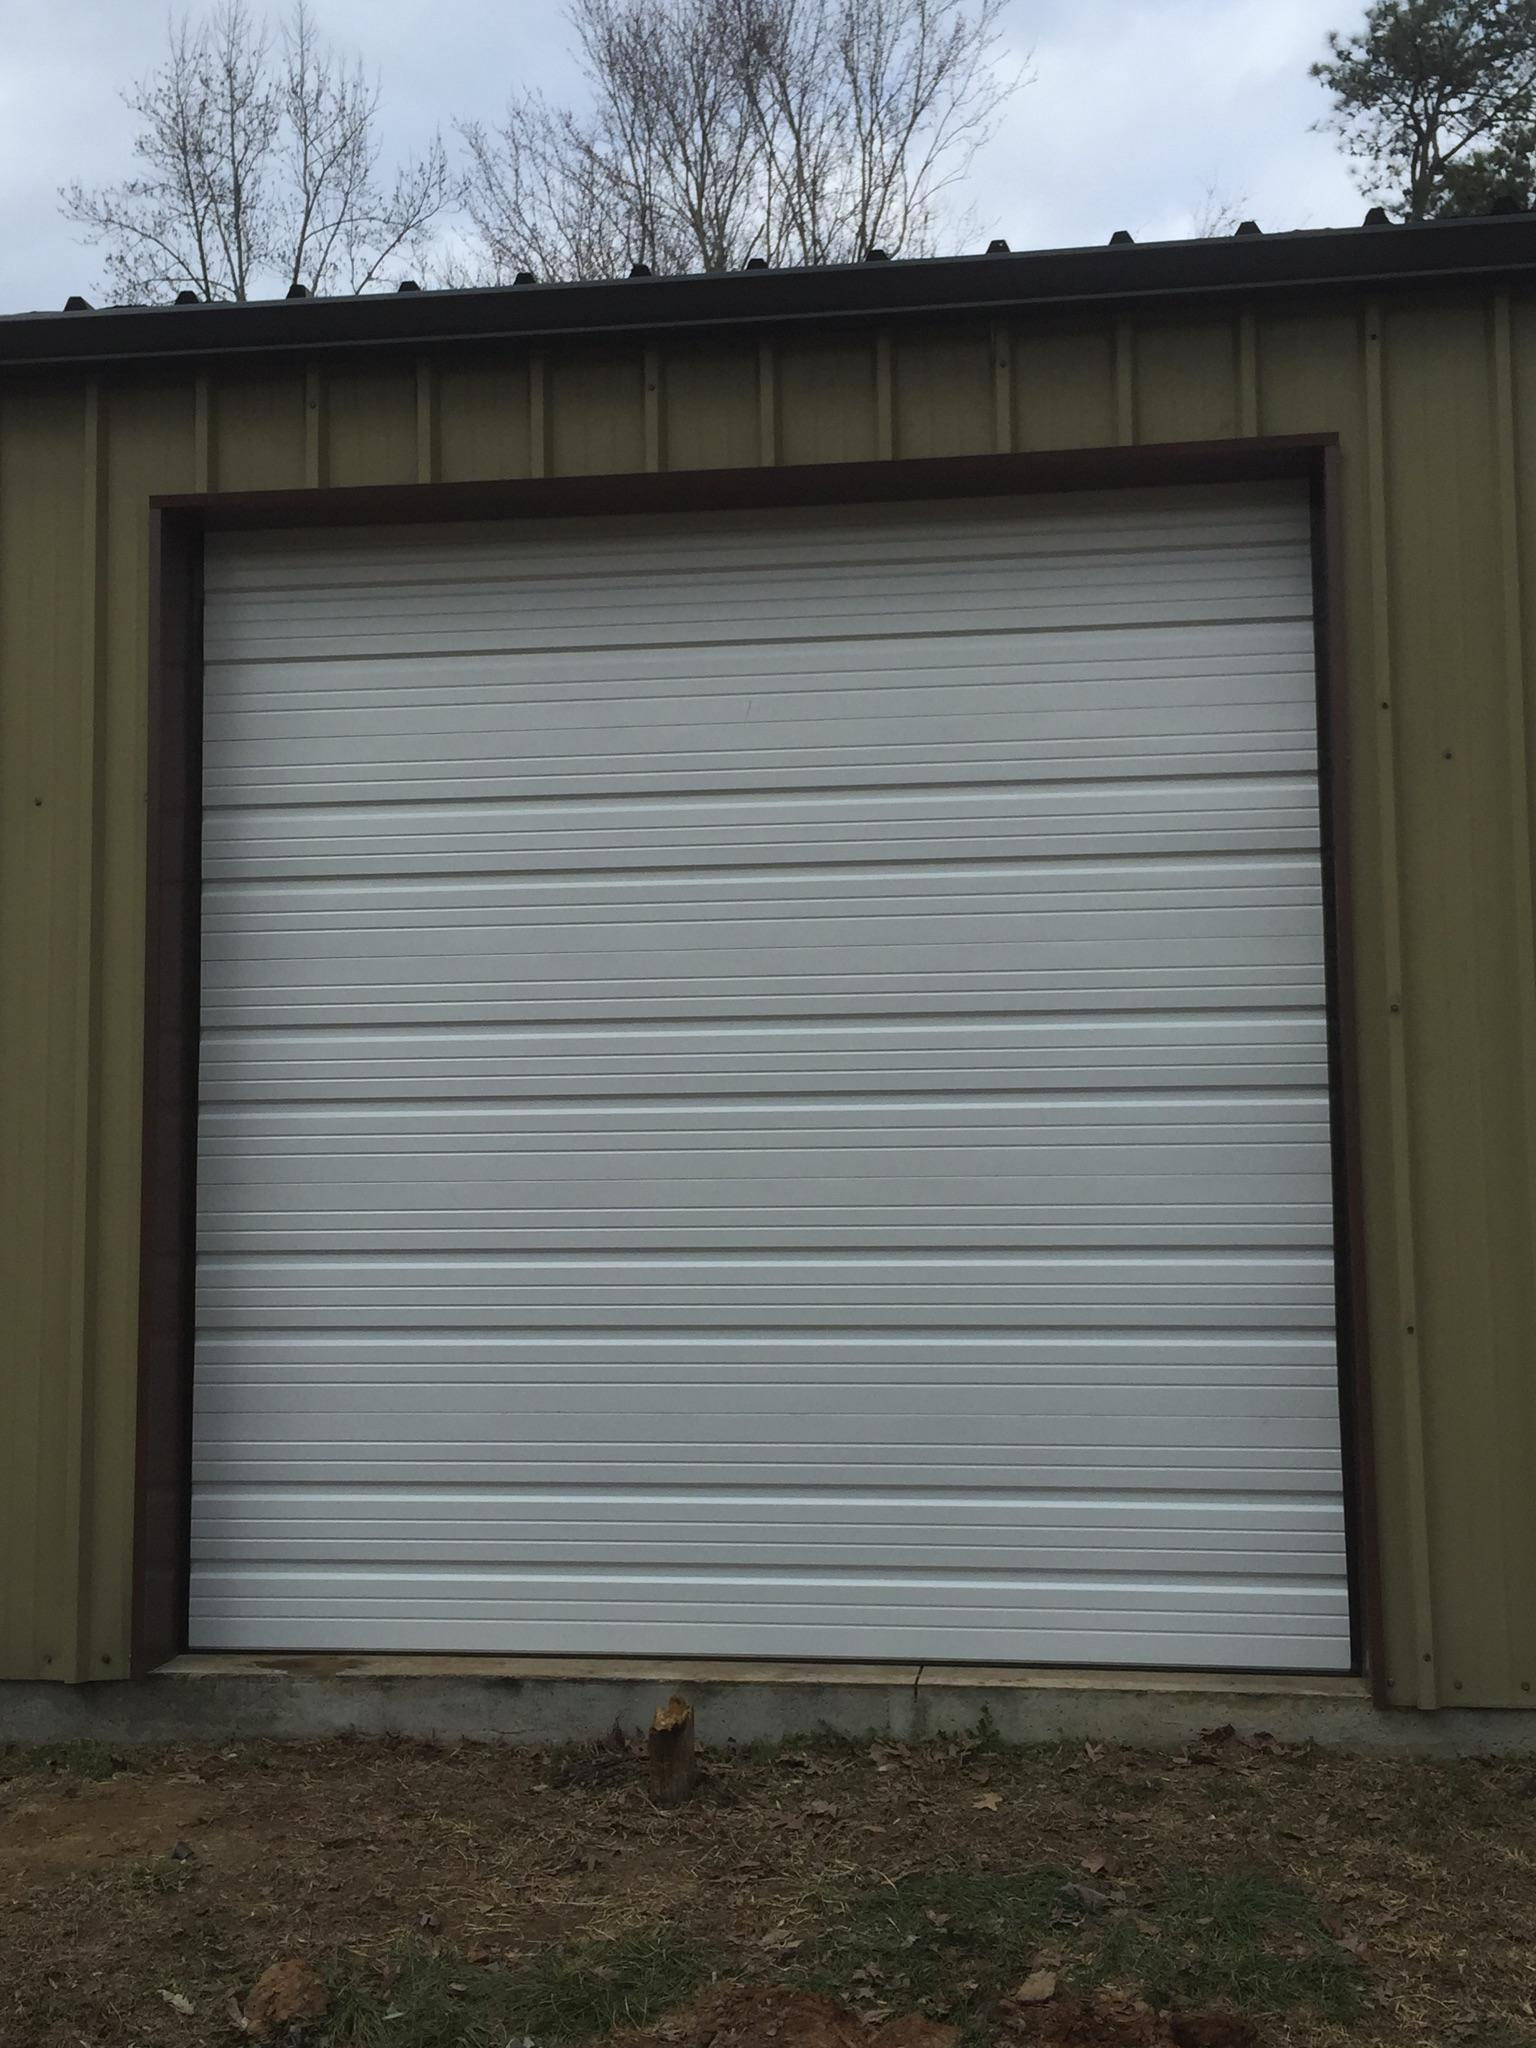 20484861210183361536 All American Overhead Garage Door Inc. In Wendell NC  27591 #3F628C 4 X